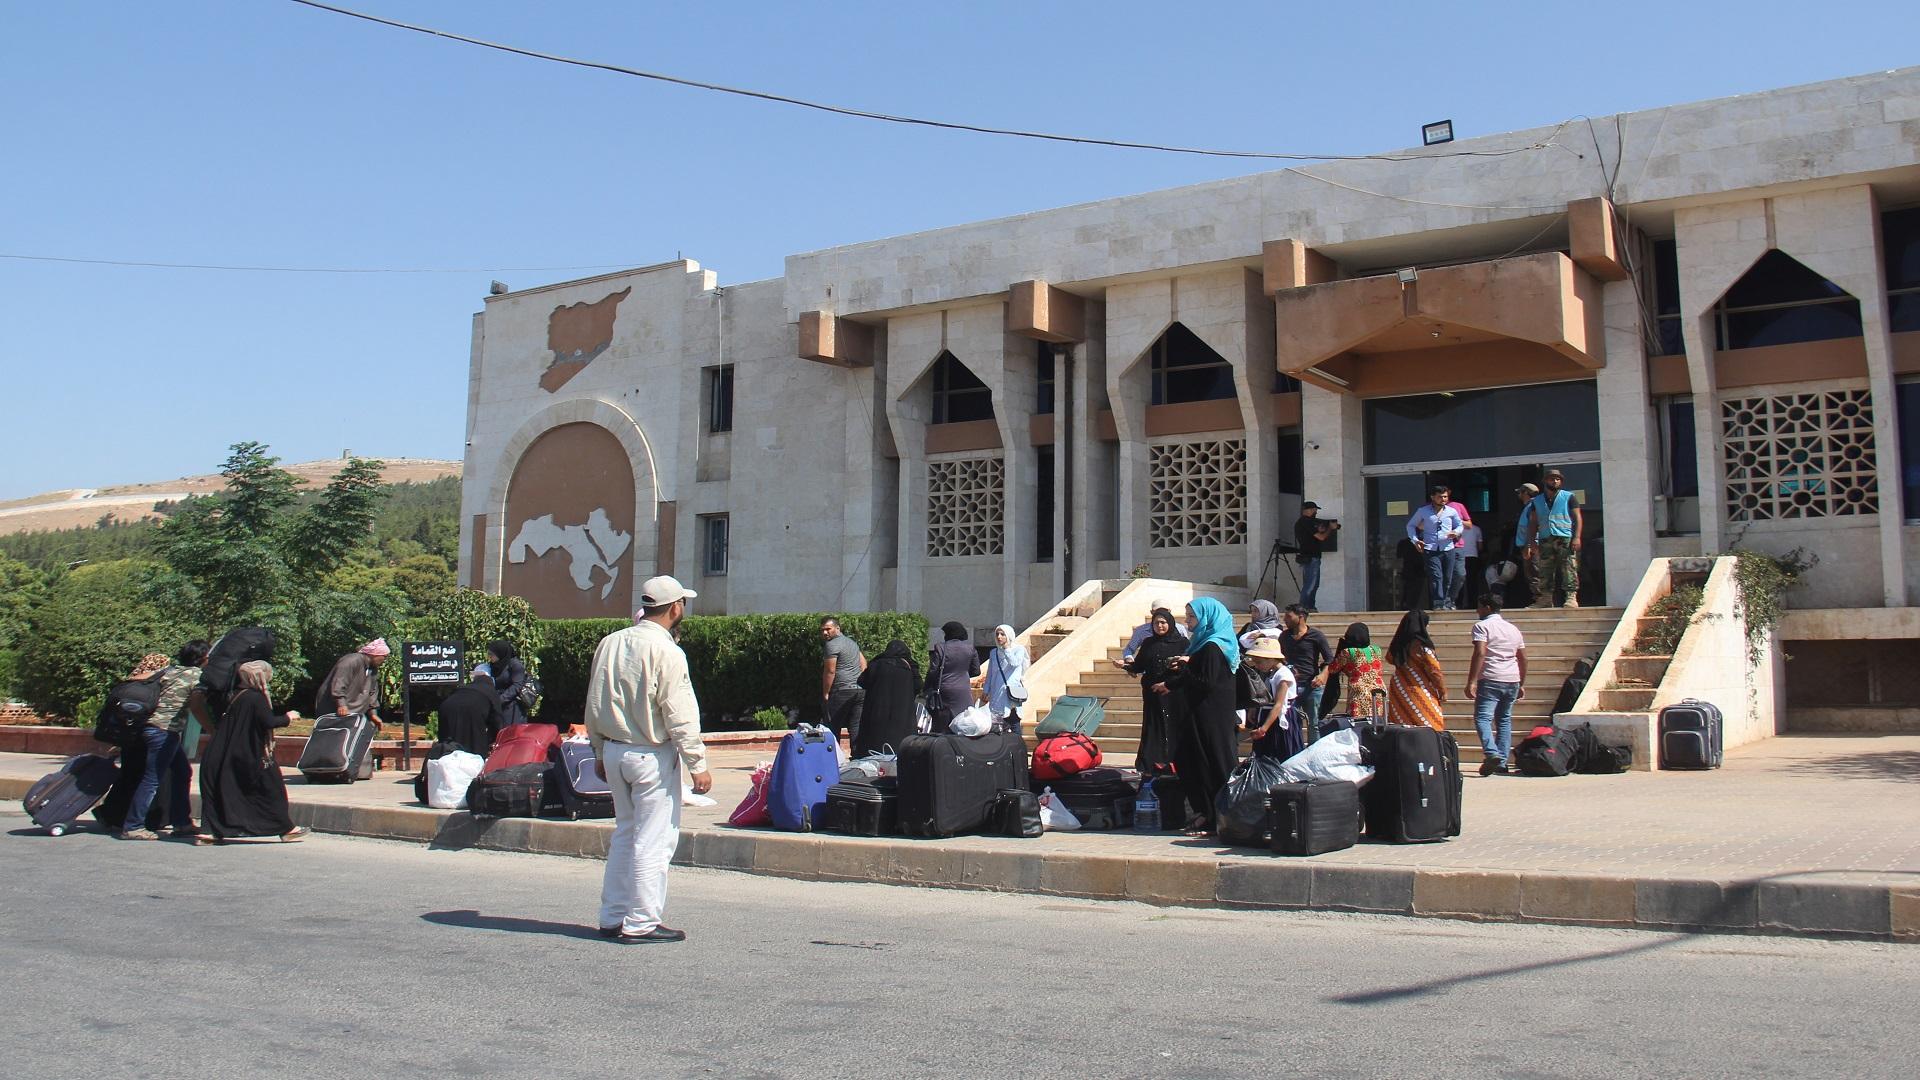 معبر باب الهوى  يبدأ اليوم باستقبال العائدين إلى تركيا وفق التعليمات المحددة